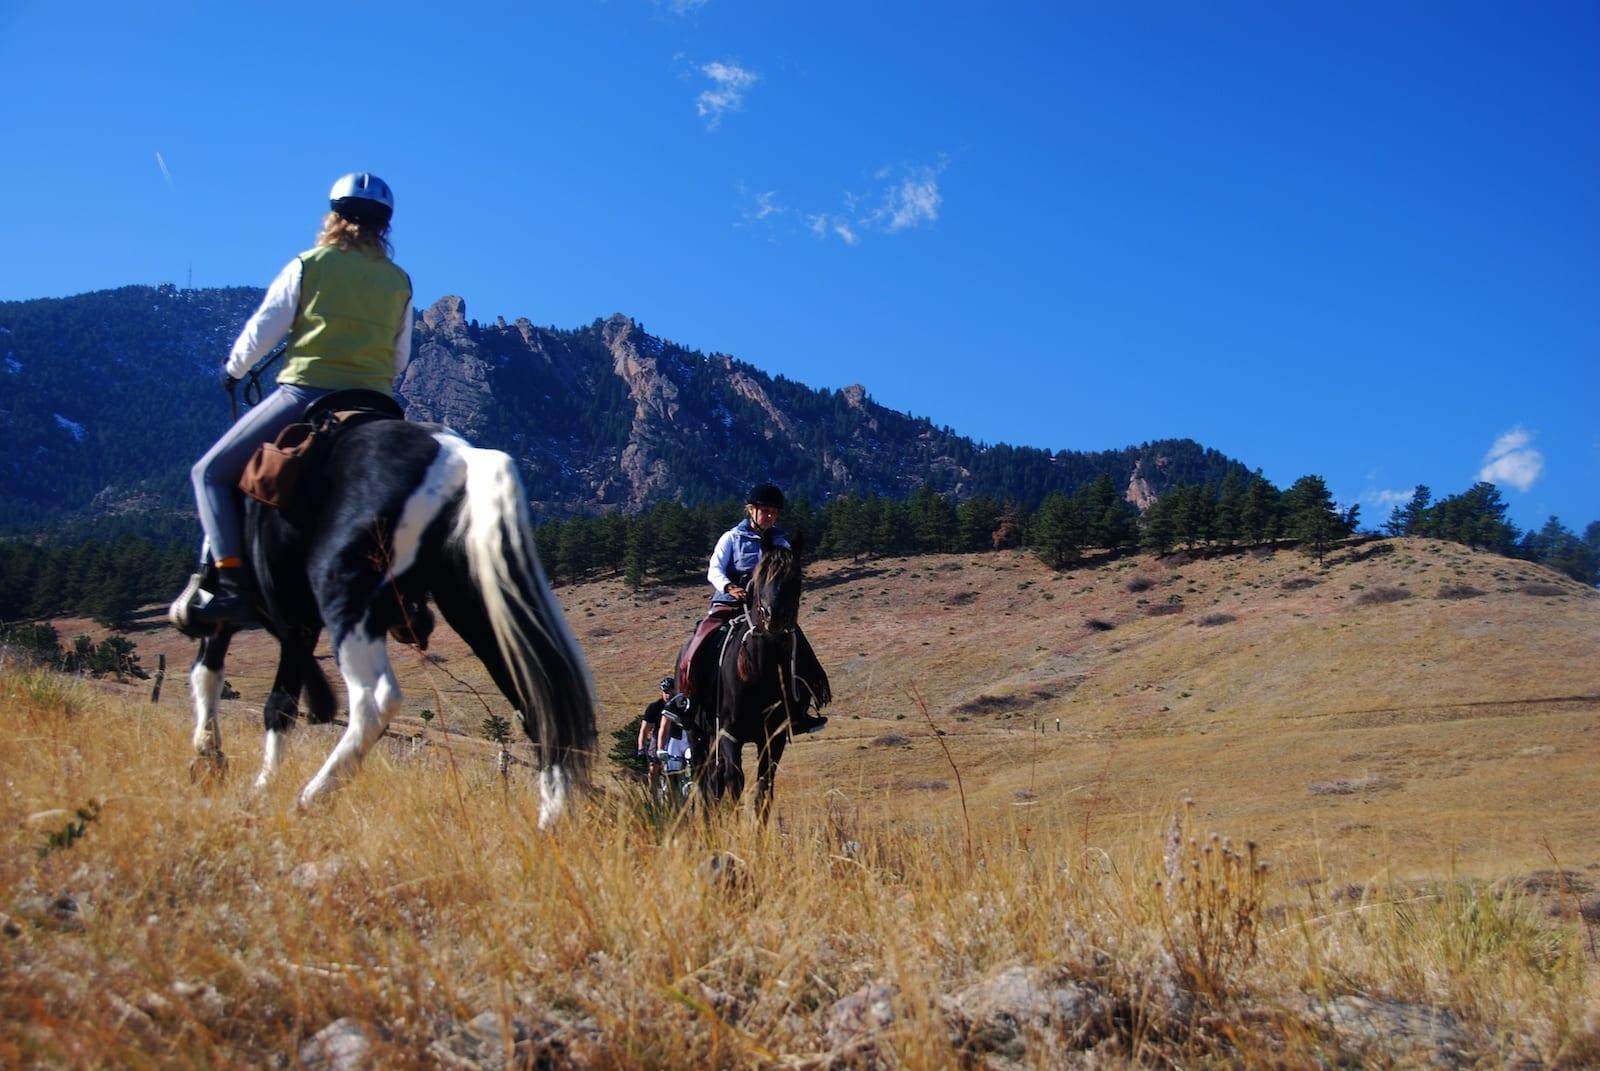 Hiking Etiquette Horseback Riders and Bikers on Hiking Trail Eldorado Springs Colorado